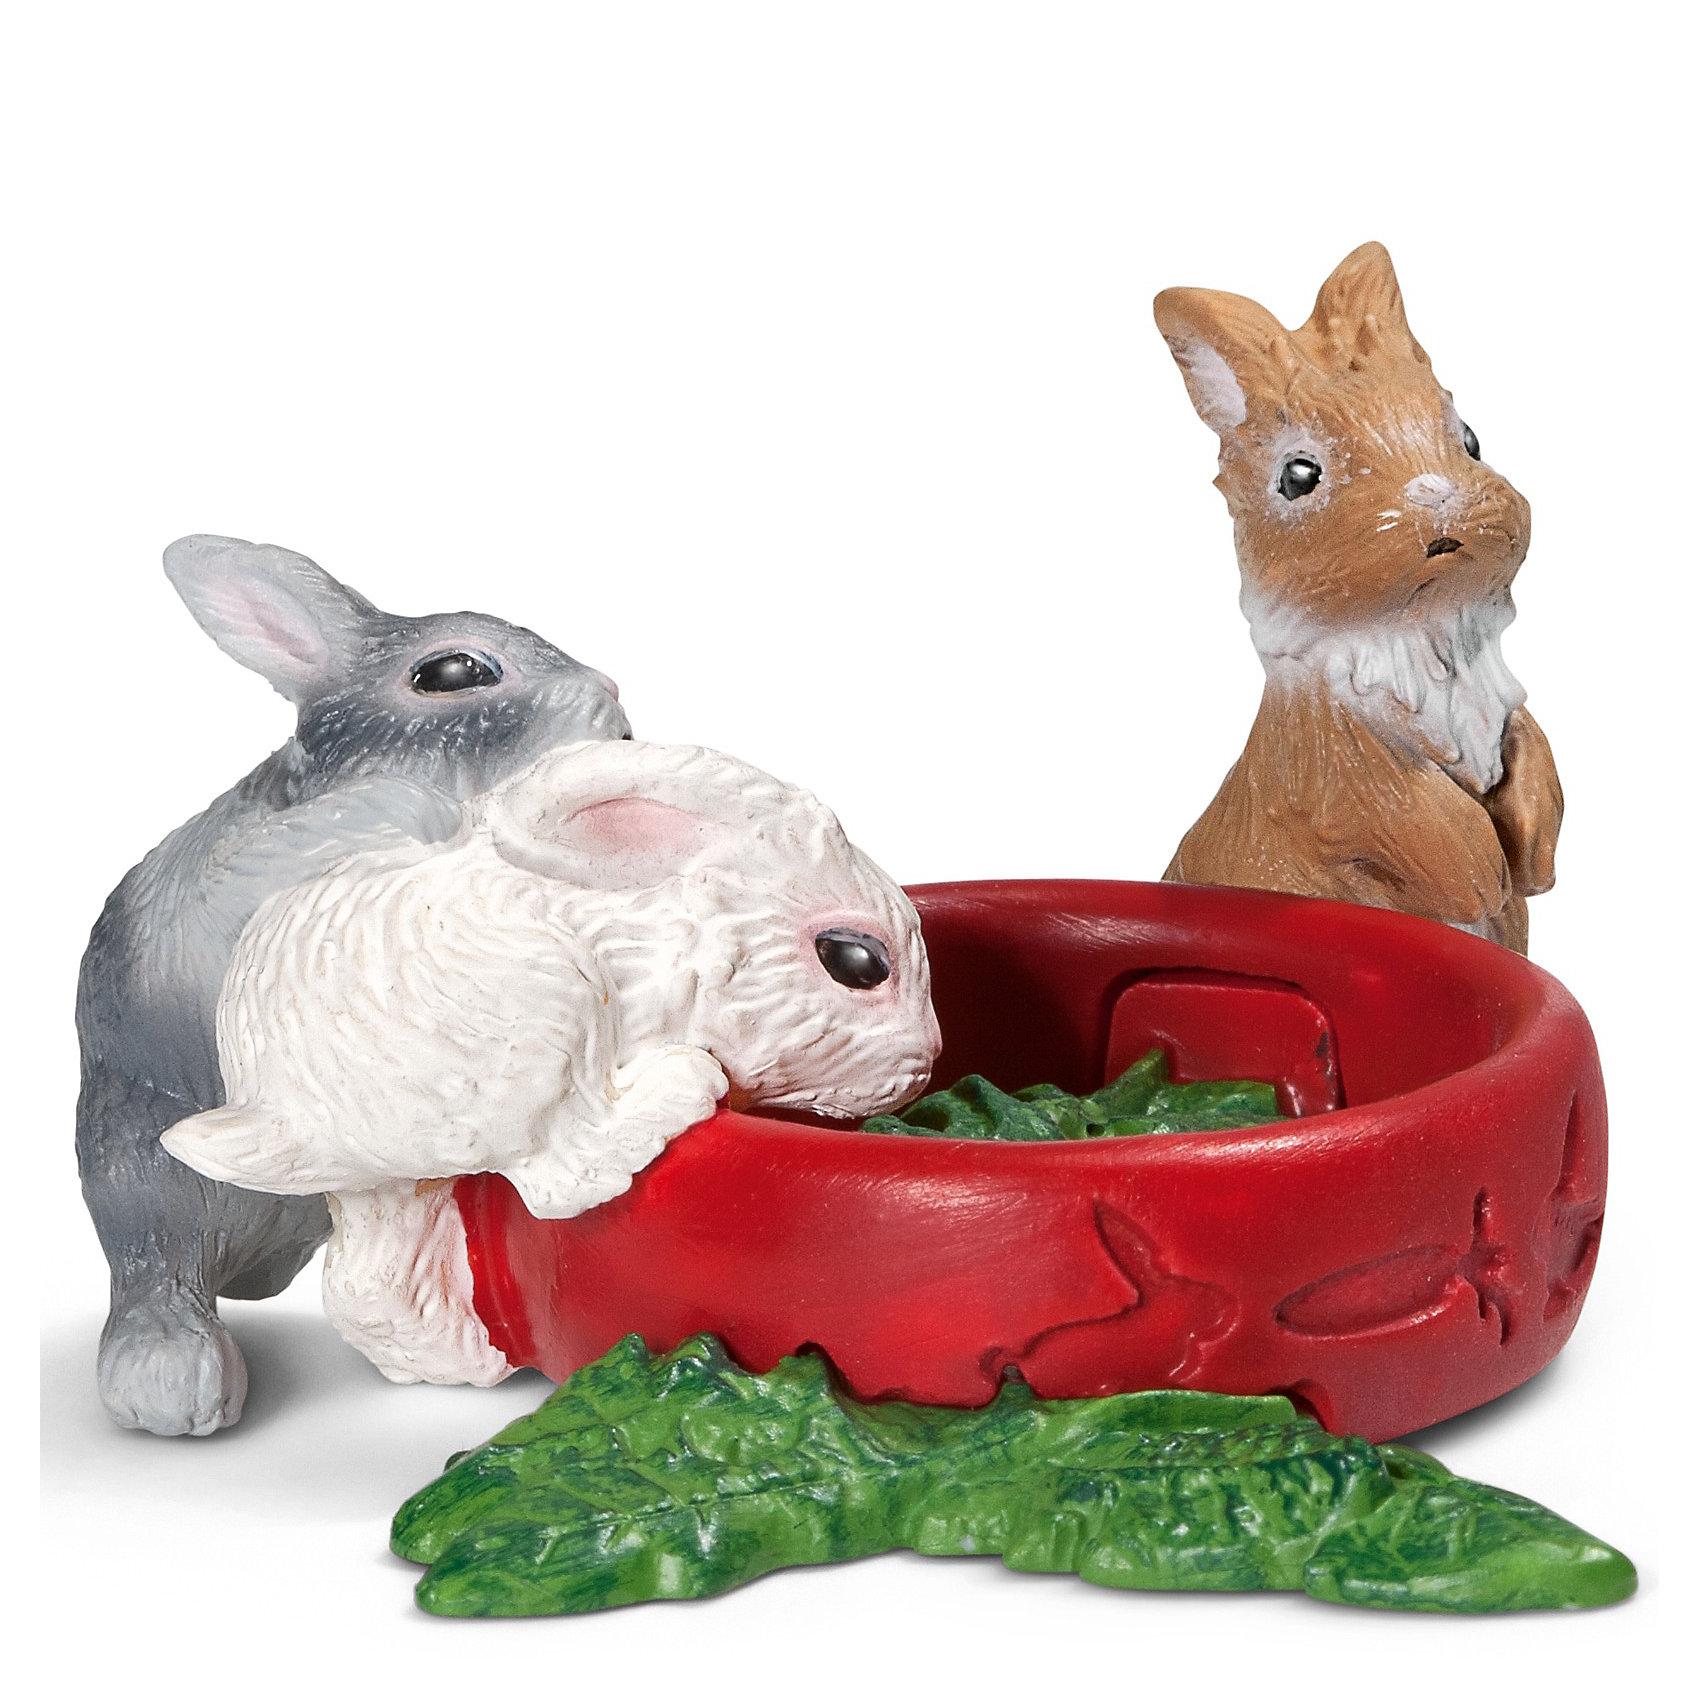 Schleich Schleich Зайчата. Серия Домашние животные schleich schleich кенгуру серия дикие животные